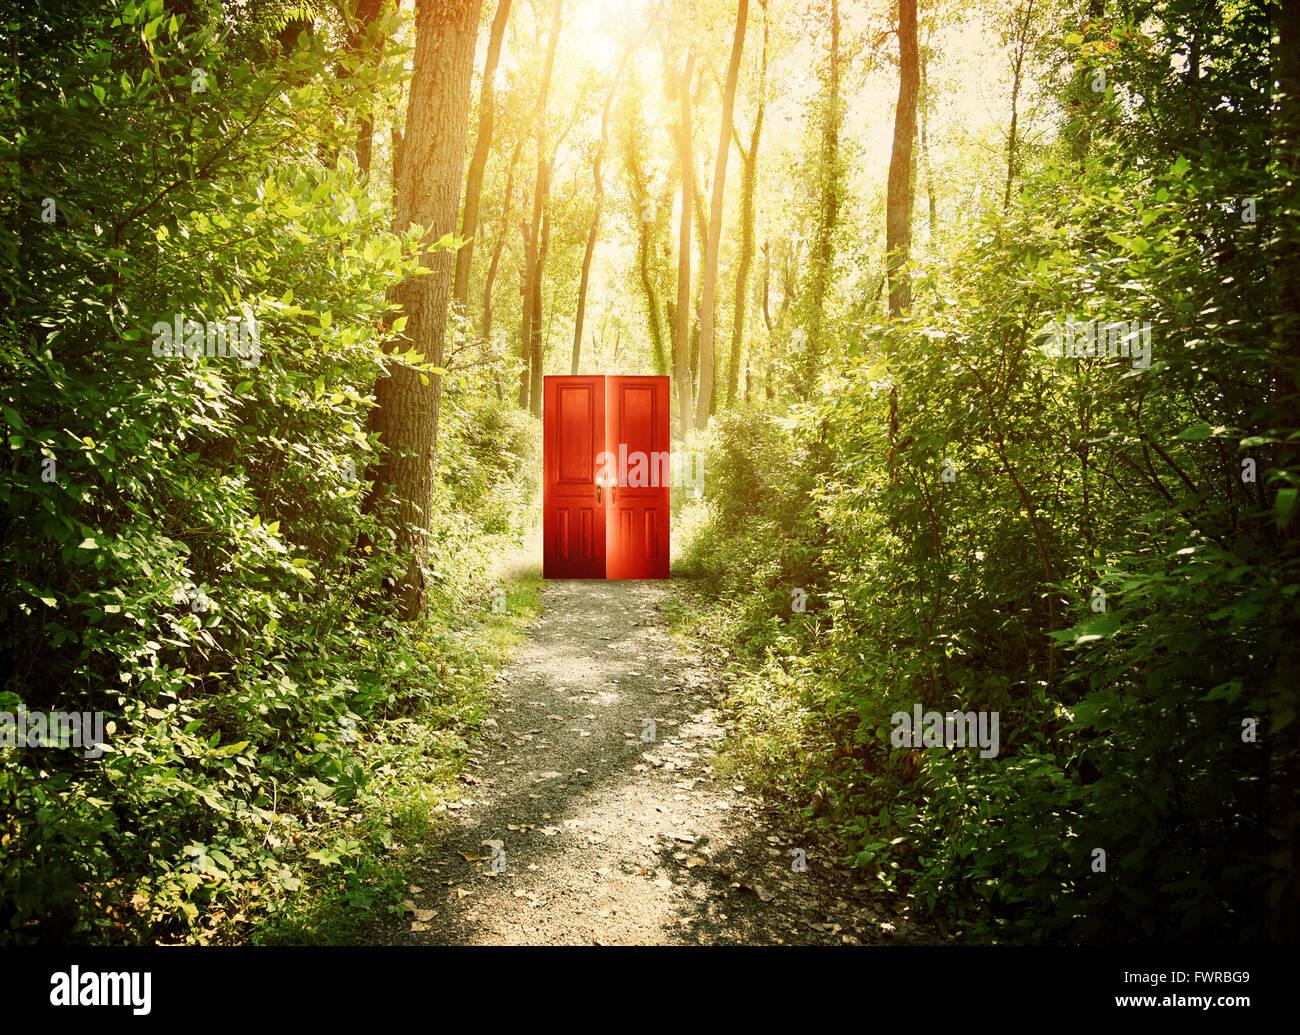 Un rosso porta è su un sentiero nel bosco con alberi per un concetto concettuale circa la fede, la libertà Immagini Stock